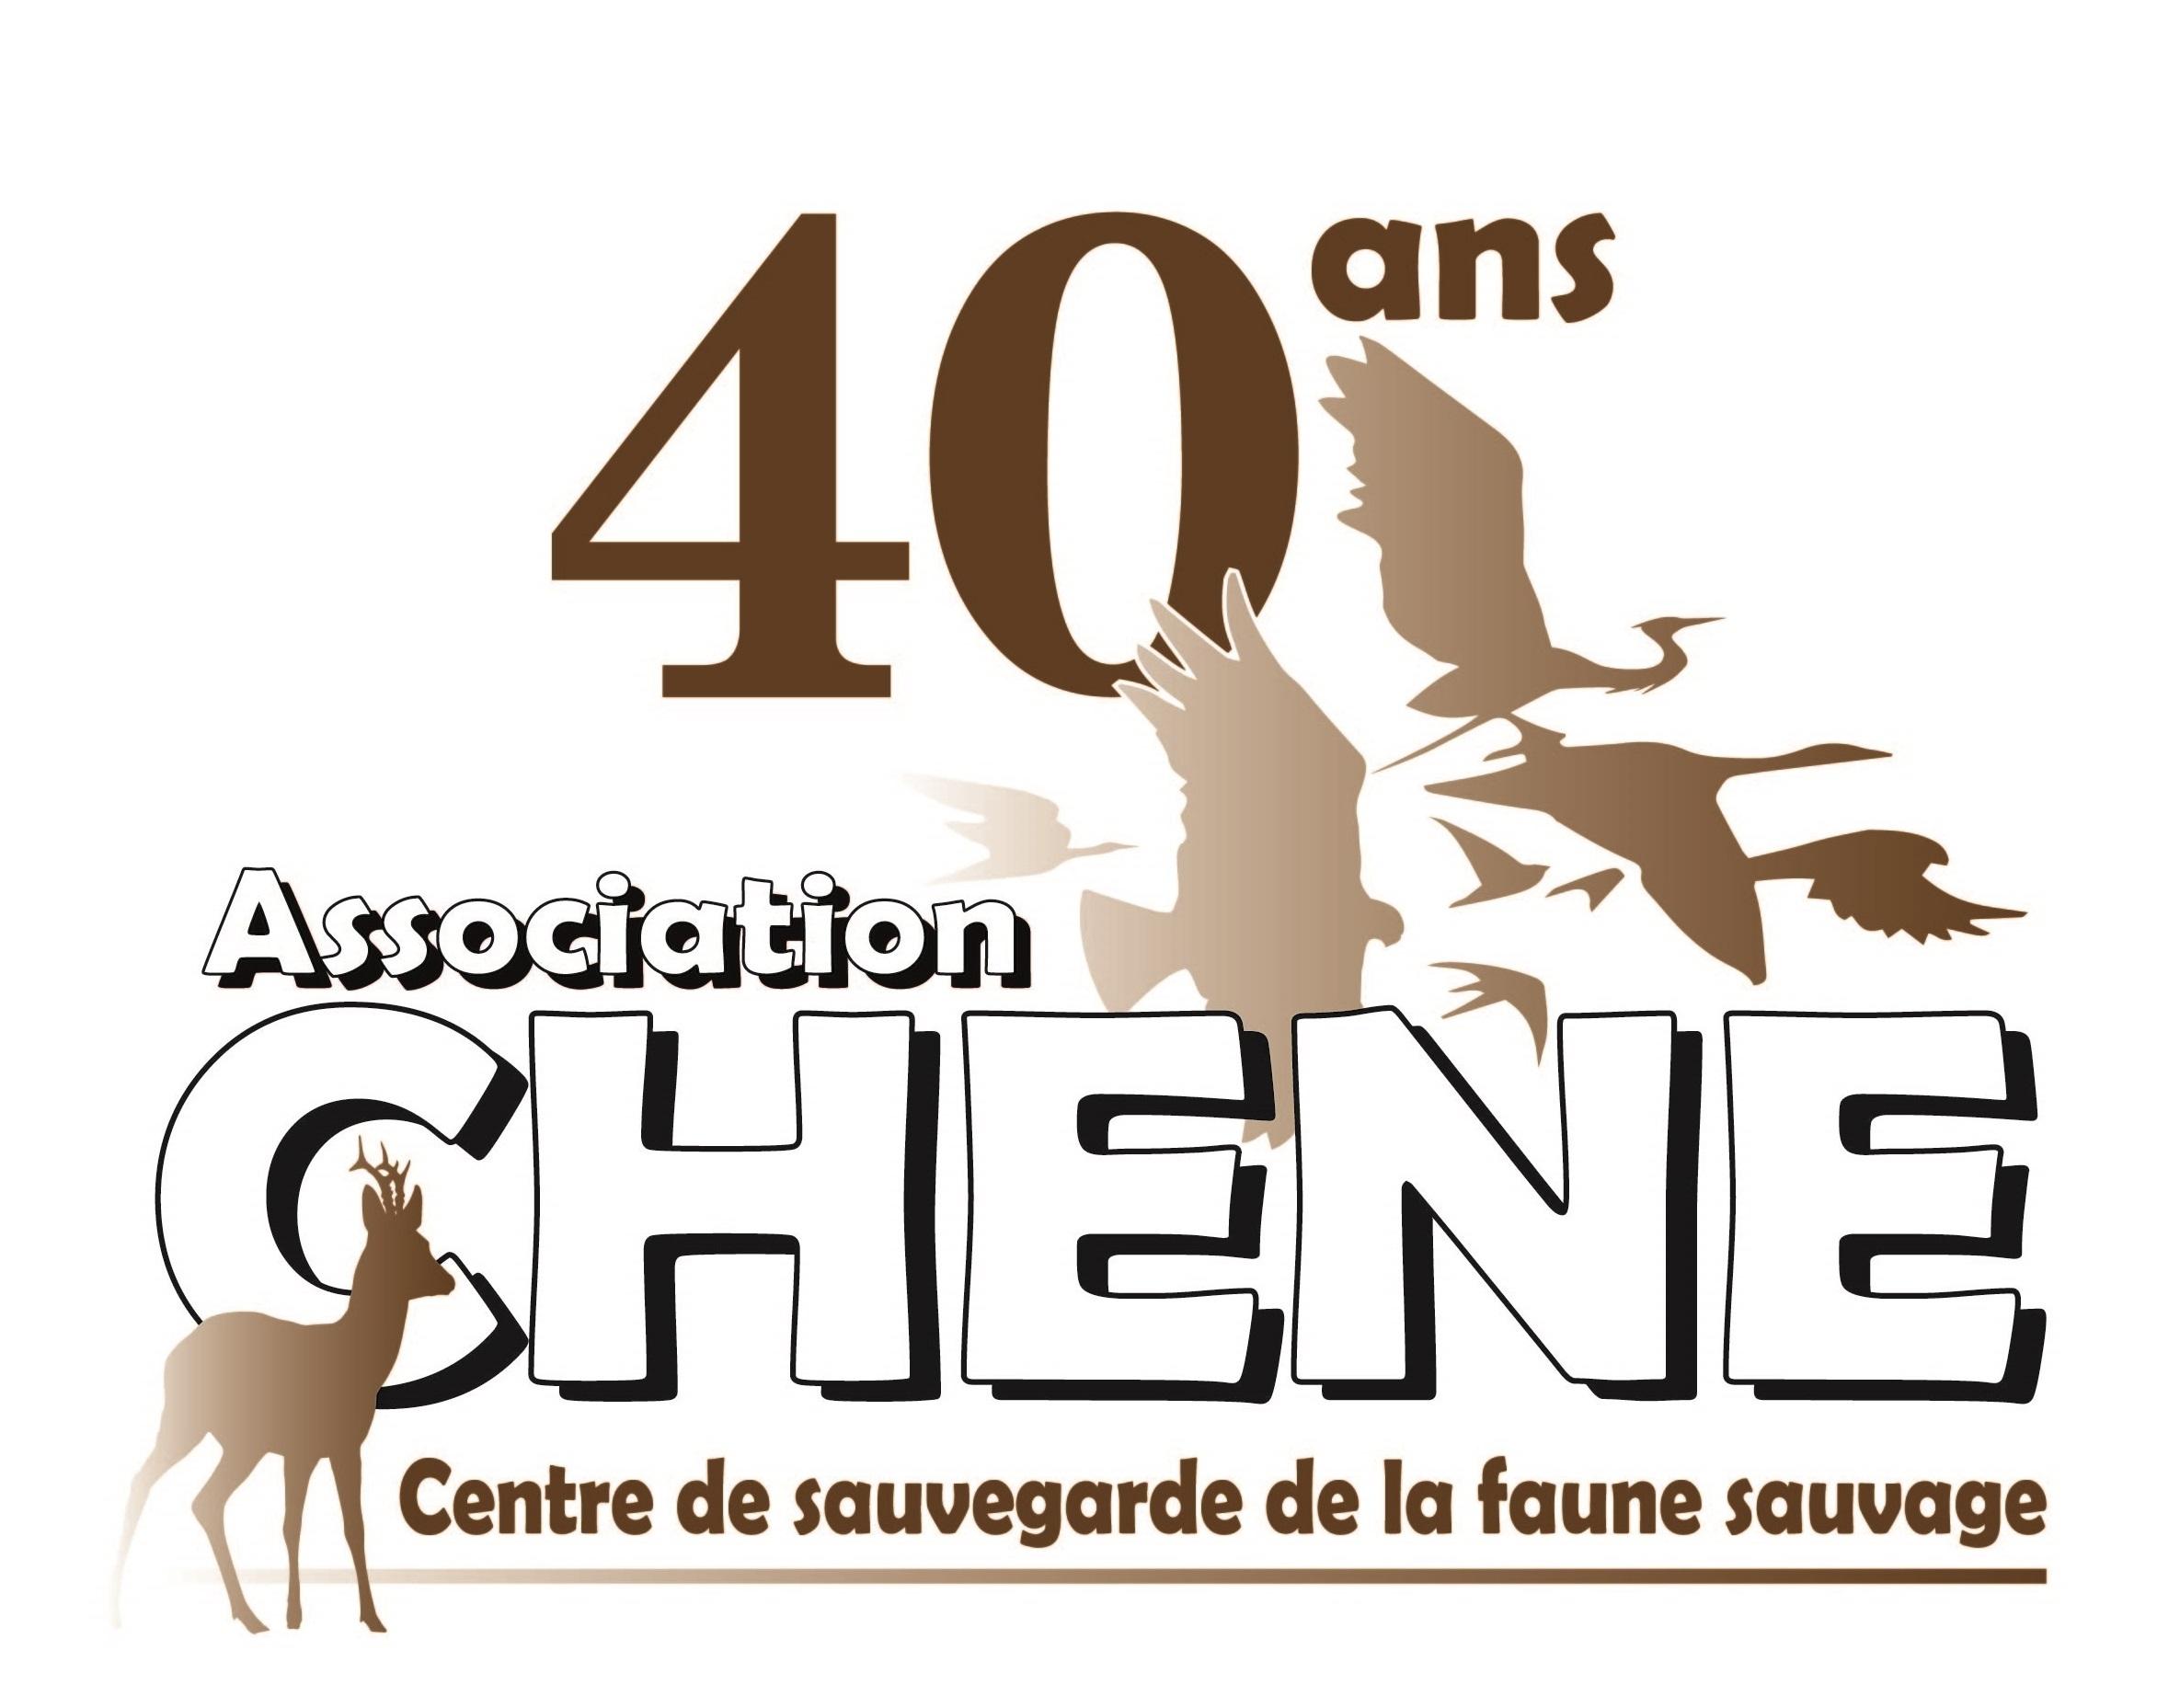 Logo - Association CHENE